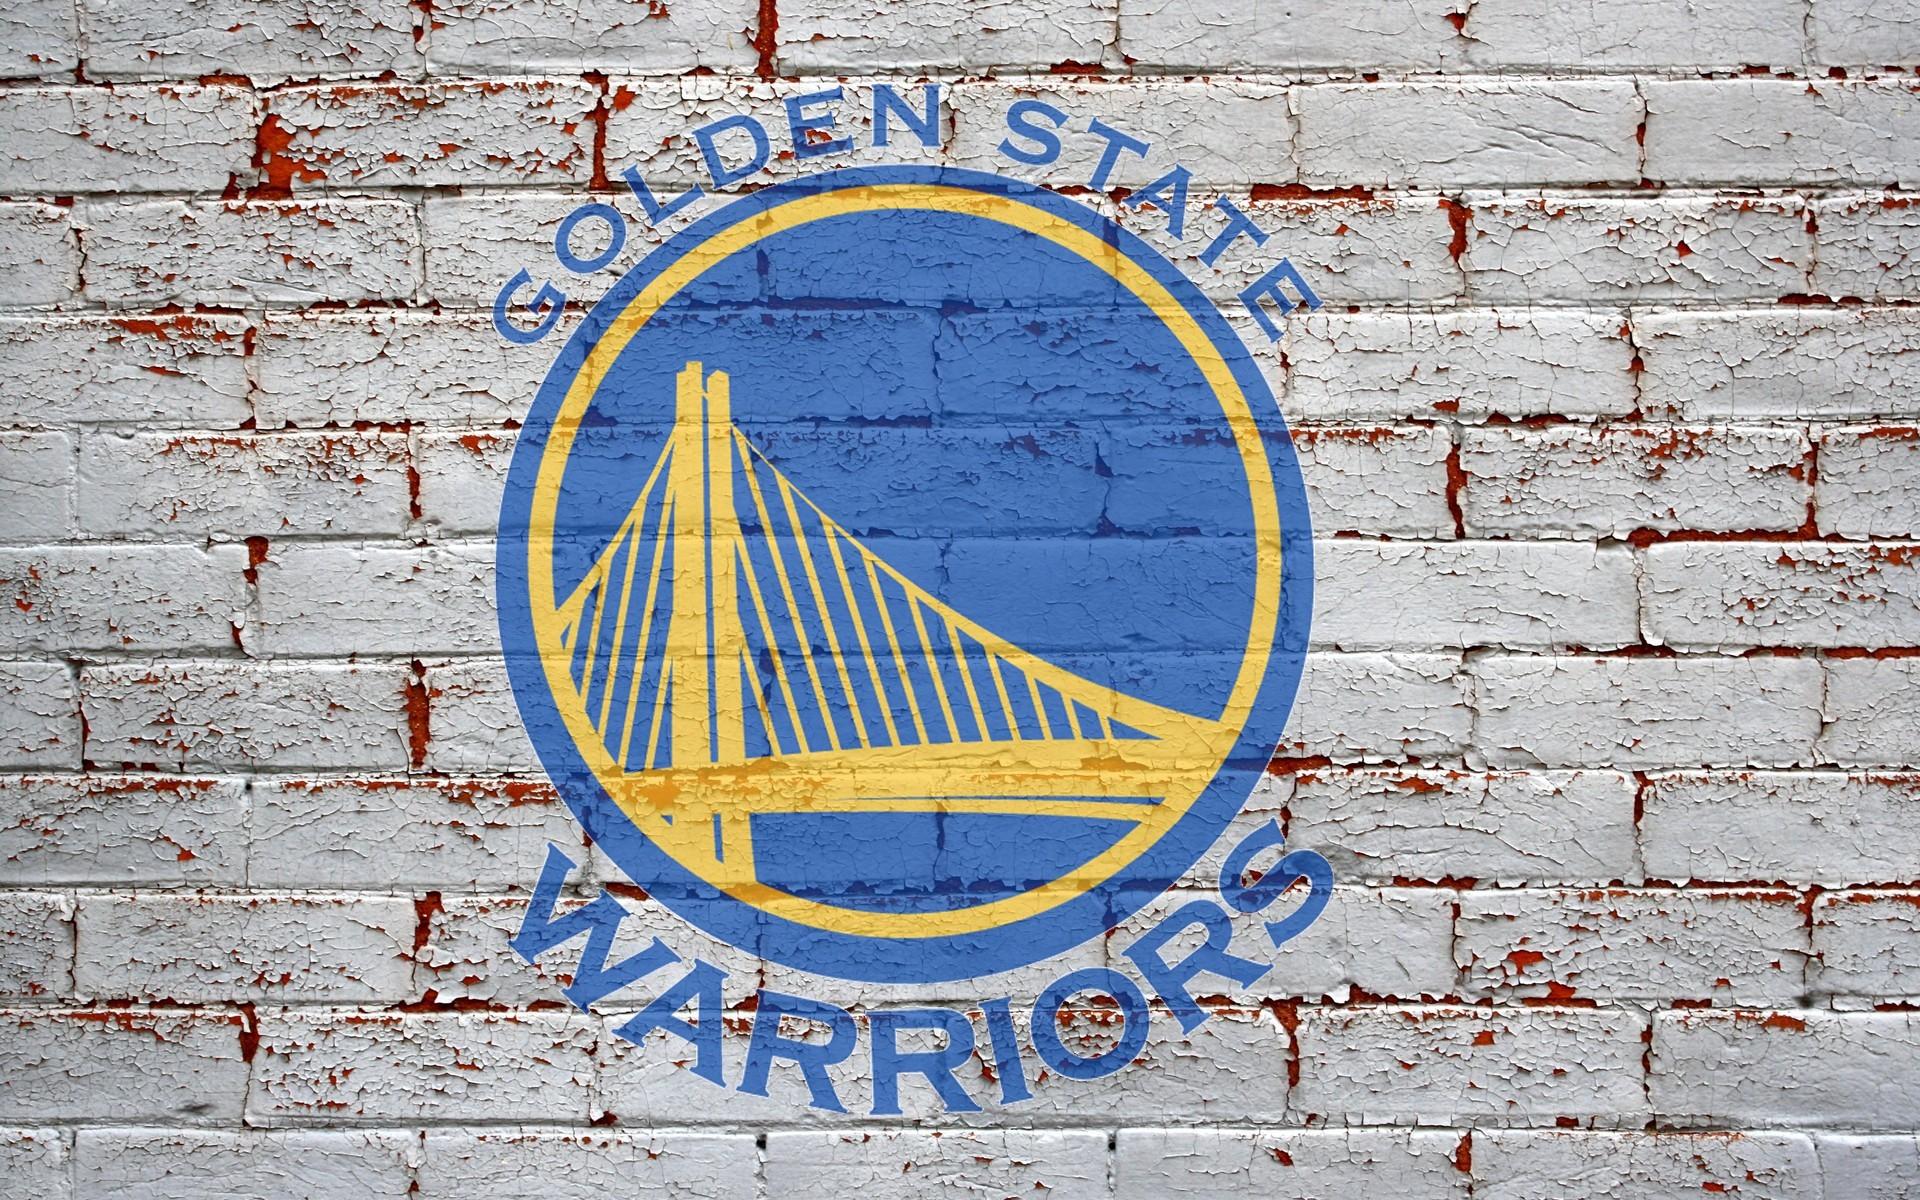 Wallpaper Download Golden State Warriors NBA Champions MELSANV | HD  Wallpapers | Pinterest | Golden state warriors, Warriors wallpaper and  Wallpaper